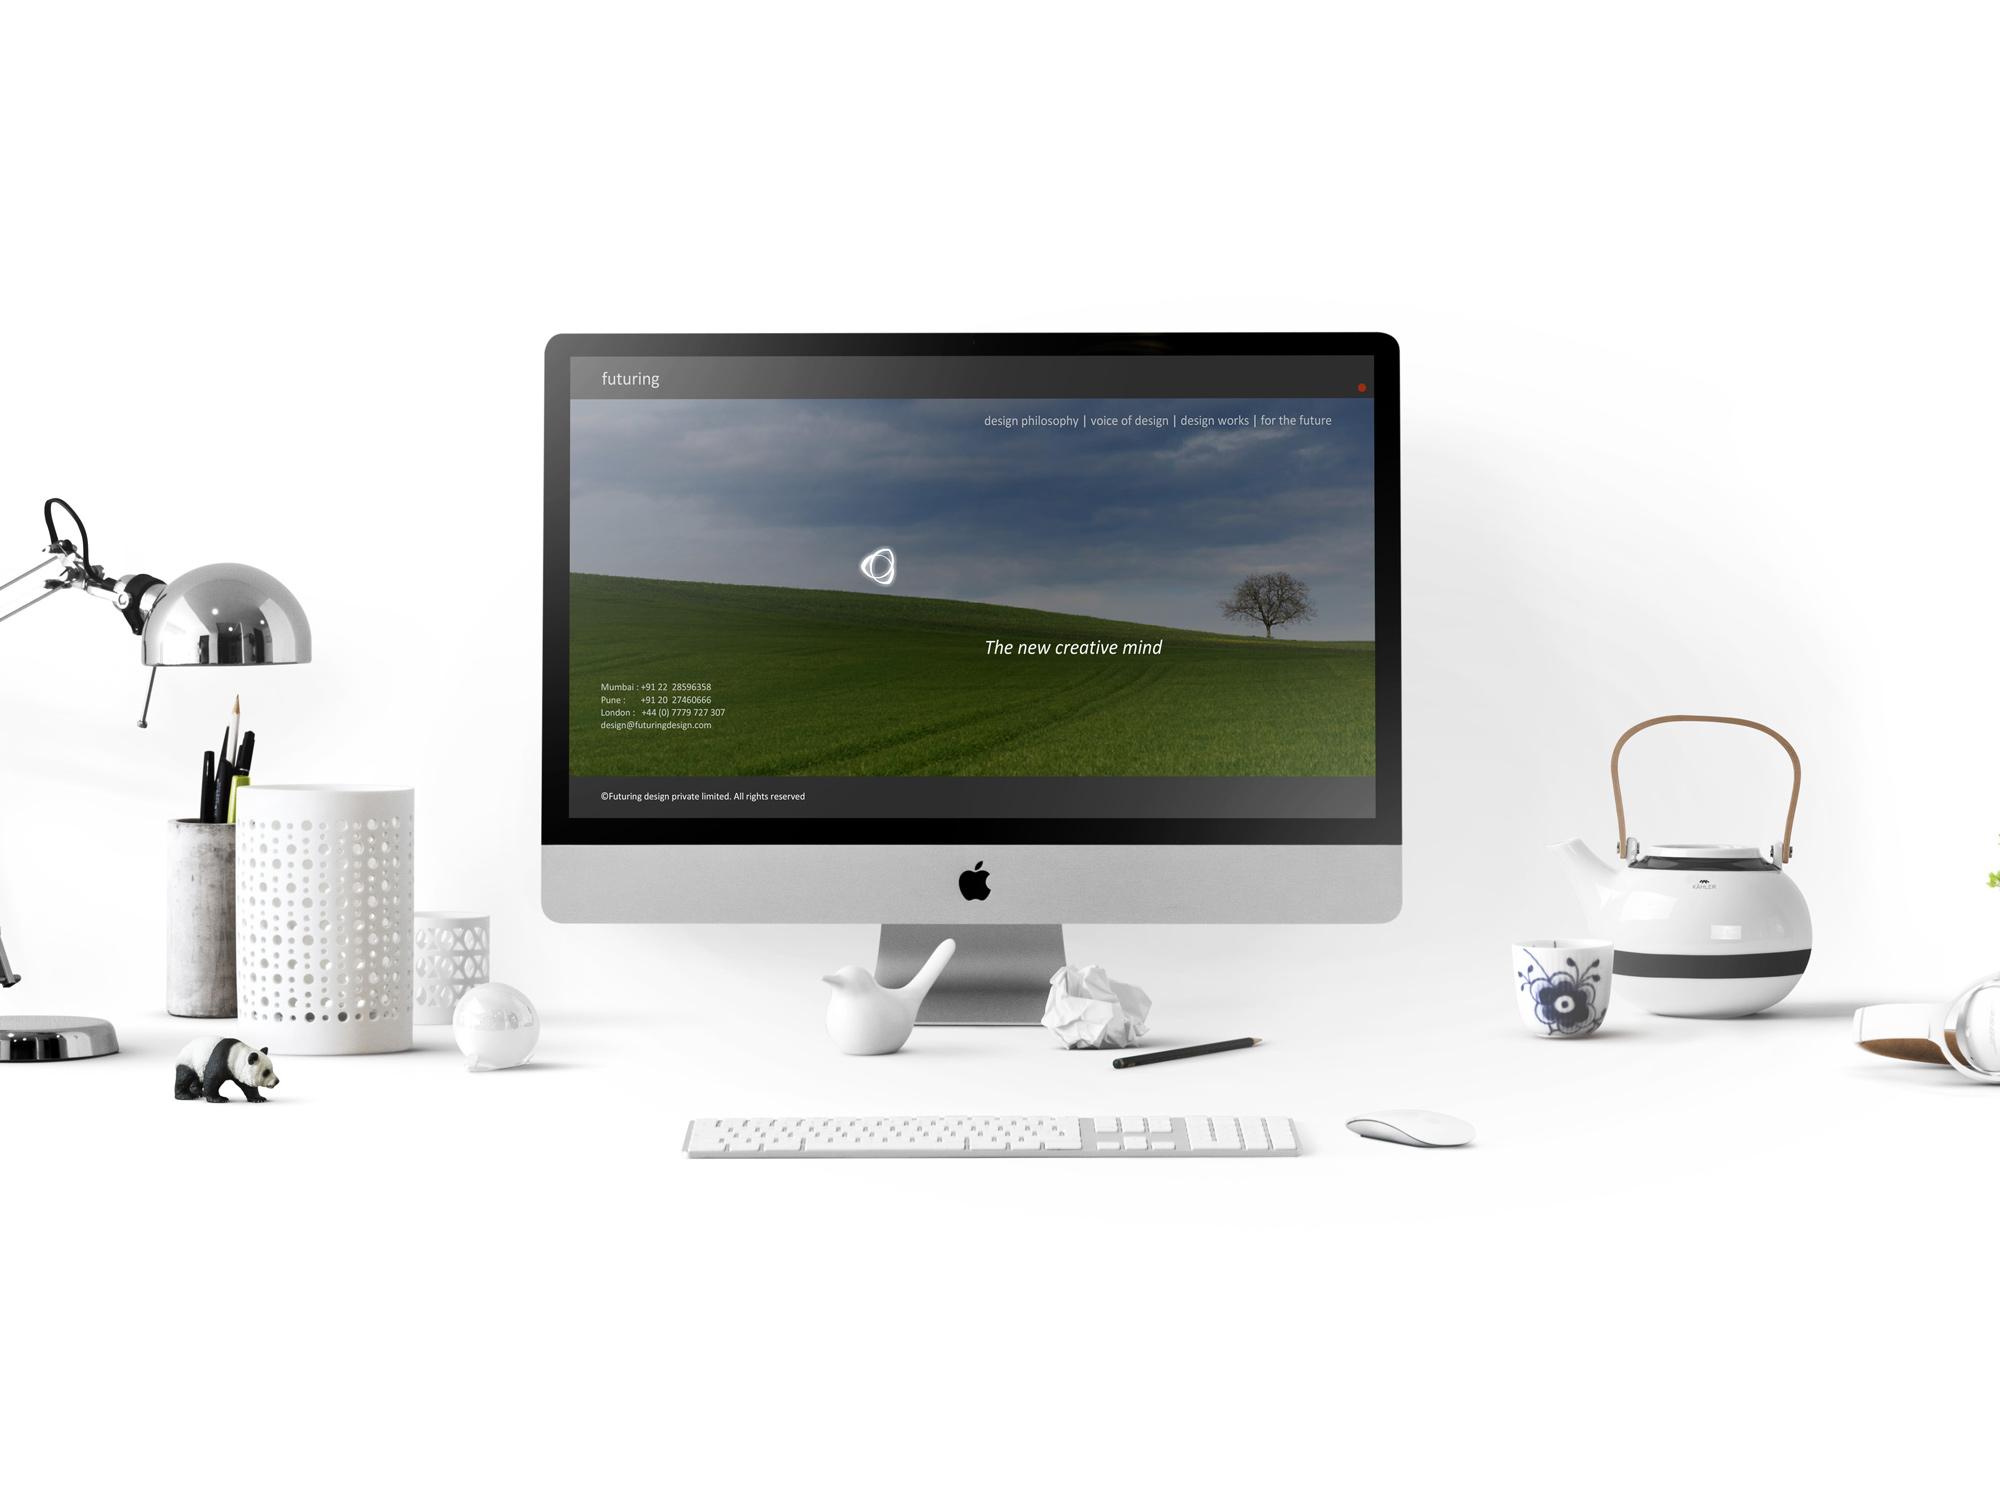 Website : Futuring Design